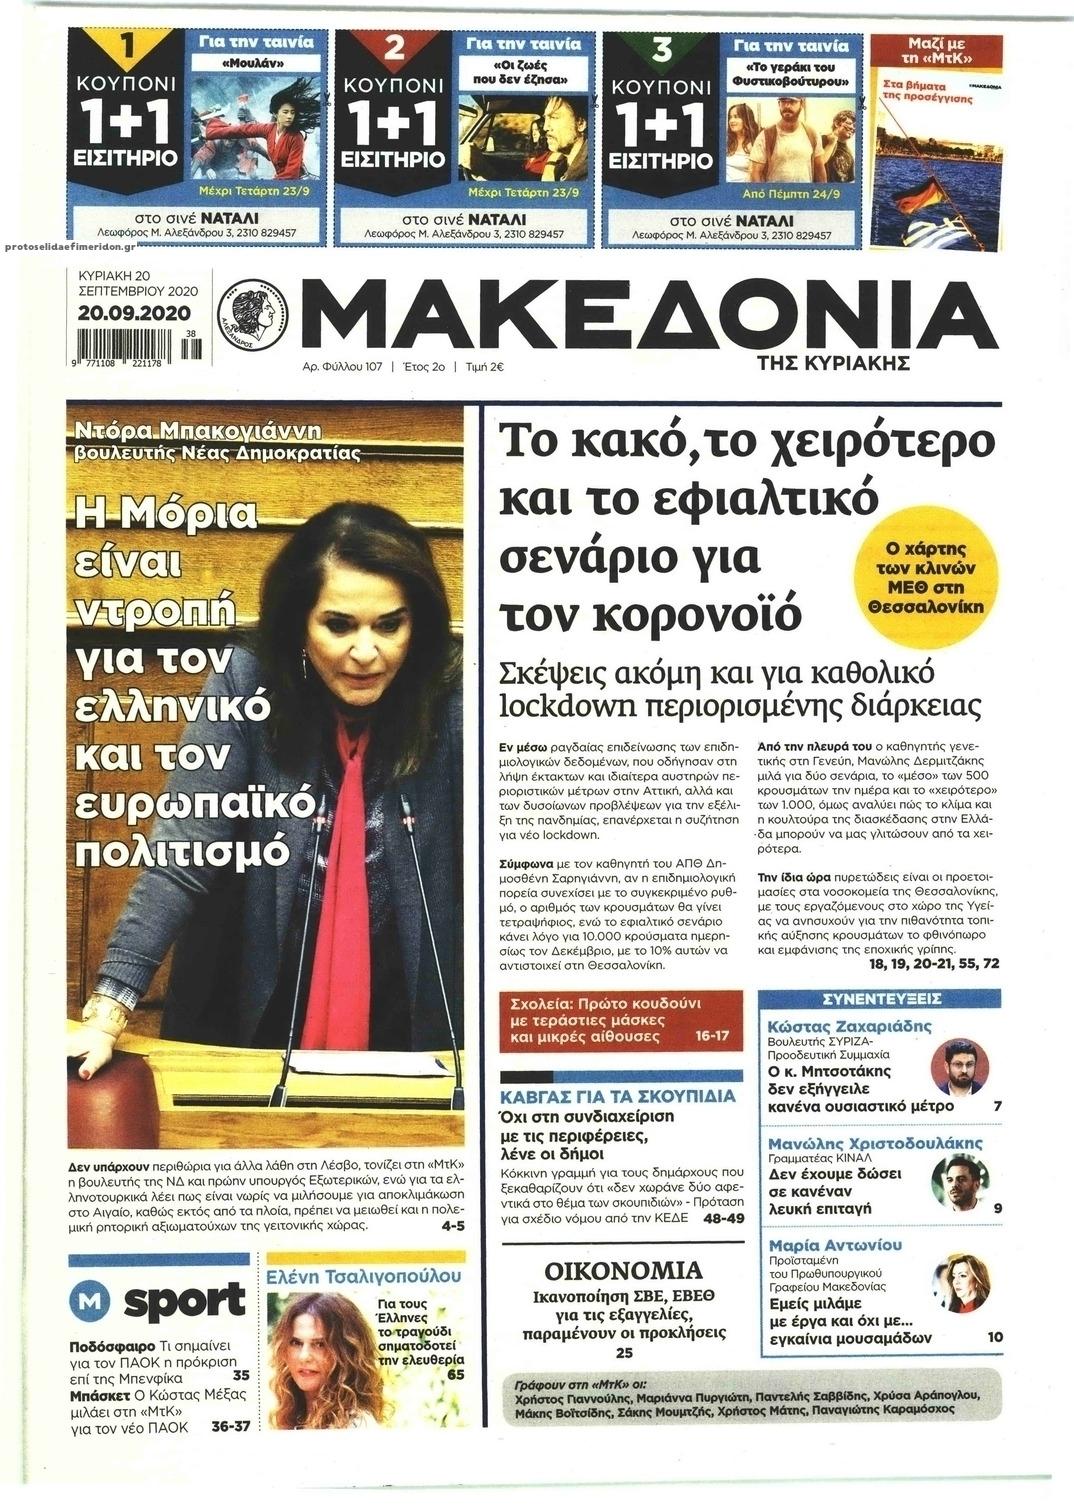 Πρωτοσέλιδο εφημερίδας Μακεδονία